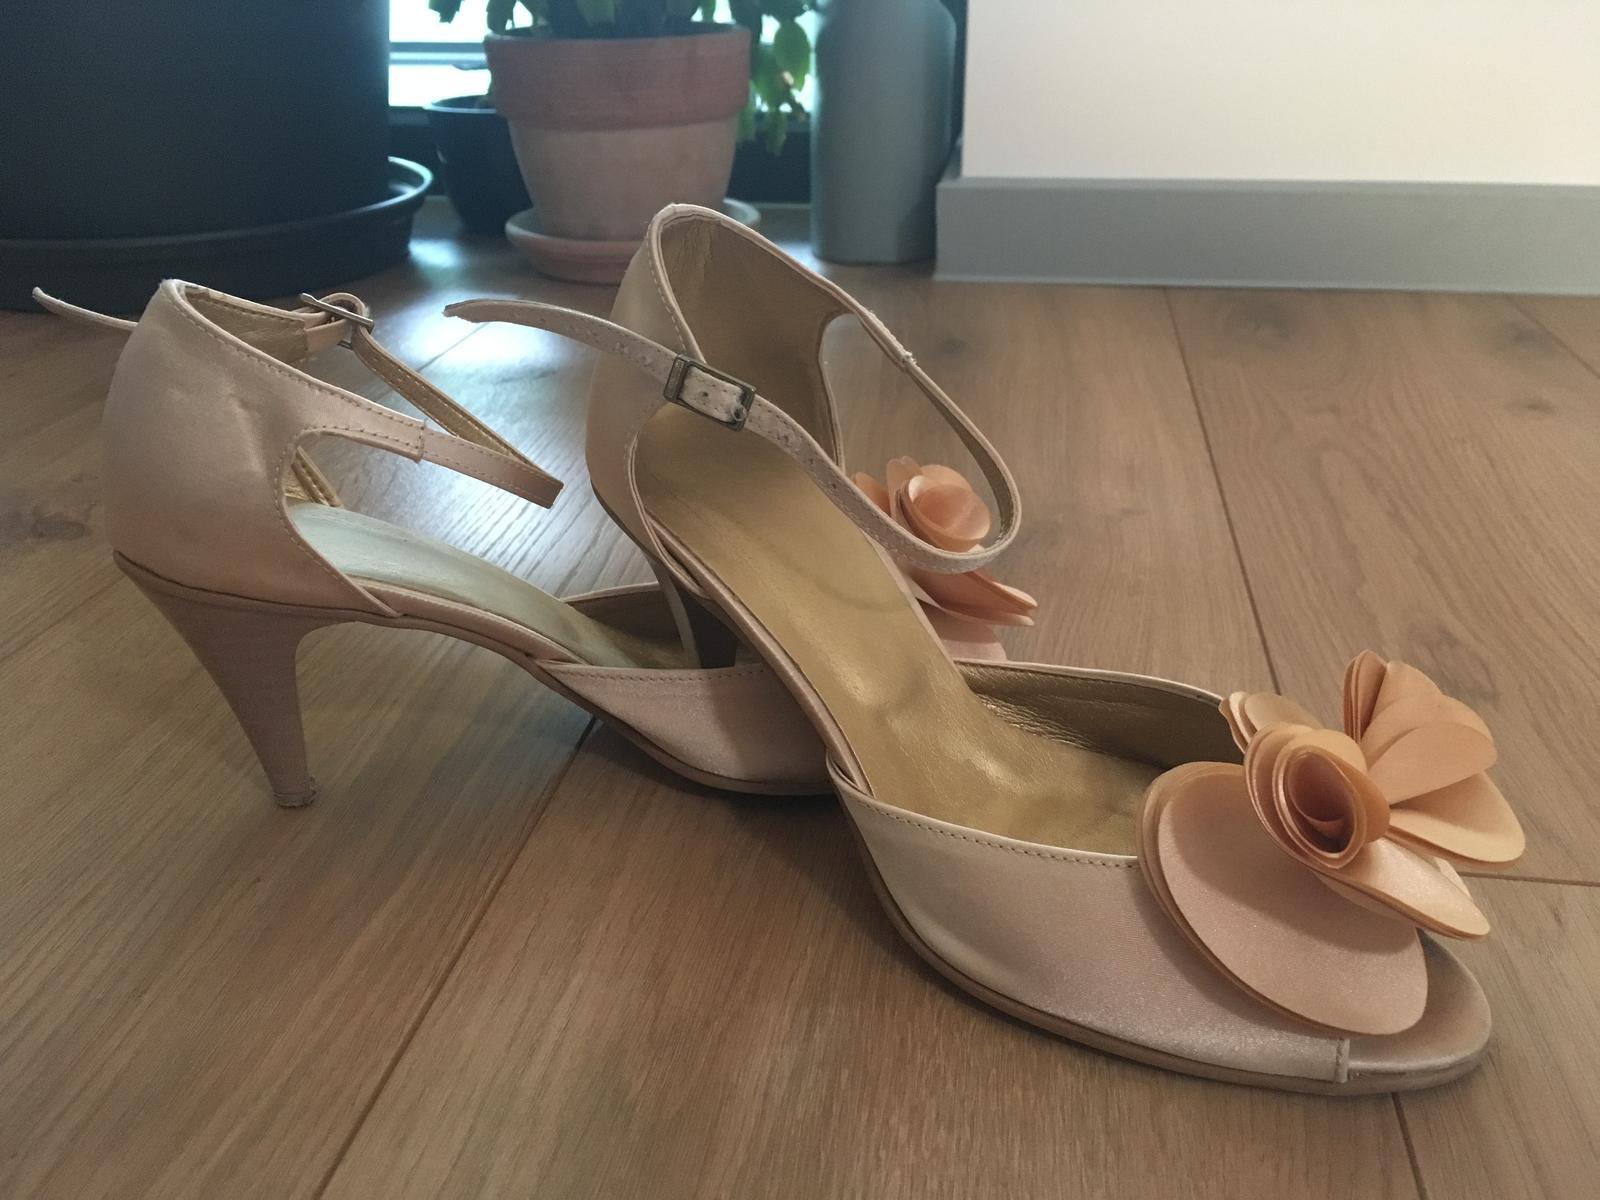 Tanečné sandálky z popelkateam - Obrázok č. 2